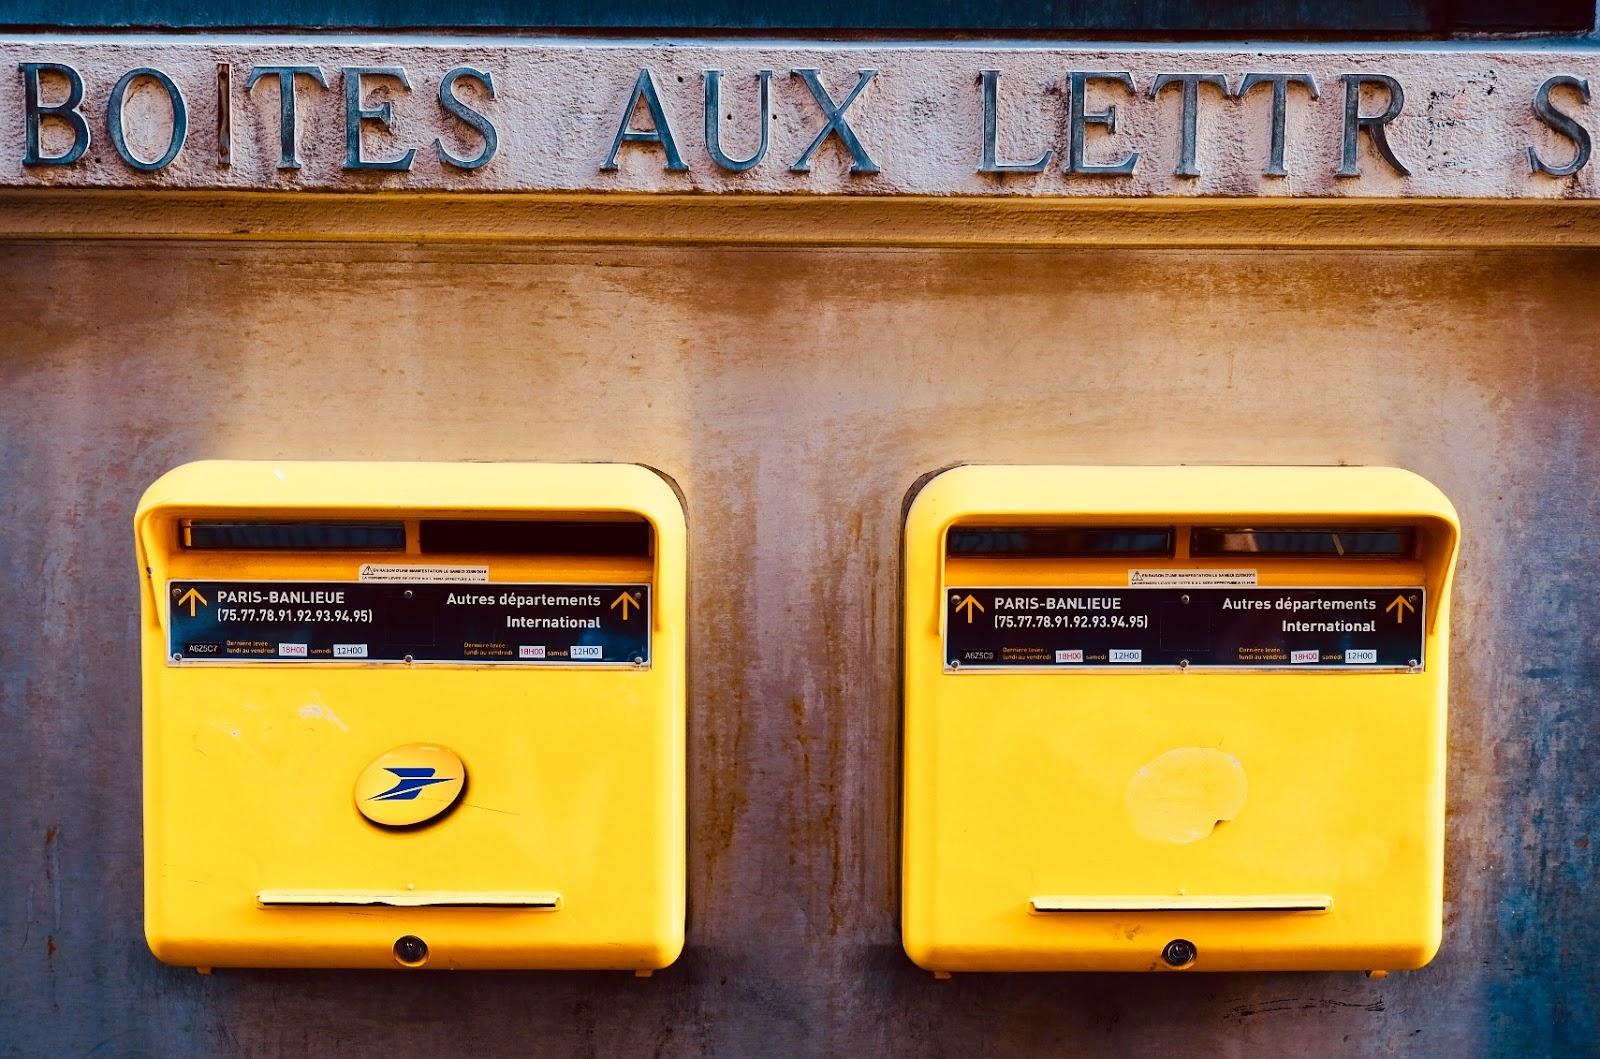 Vol dans les boîtes aux lettres: faut-il se méfier de ceux qui distribuent des prospectus?